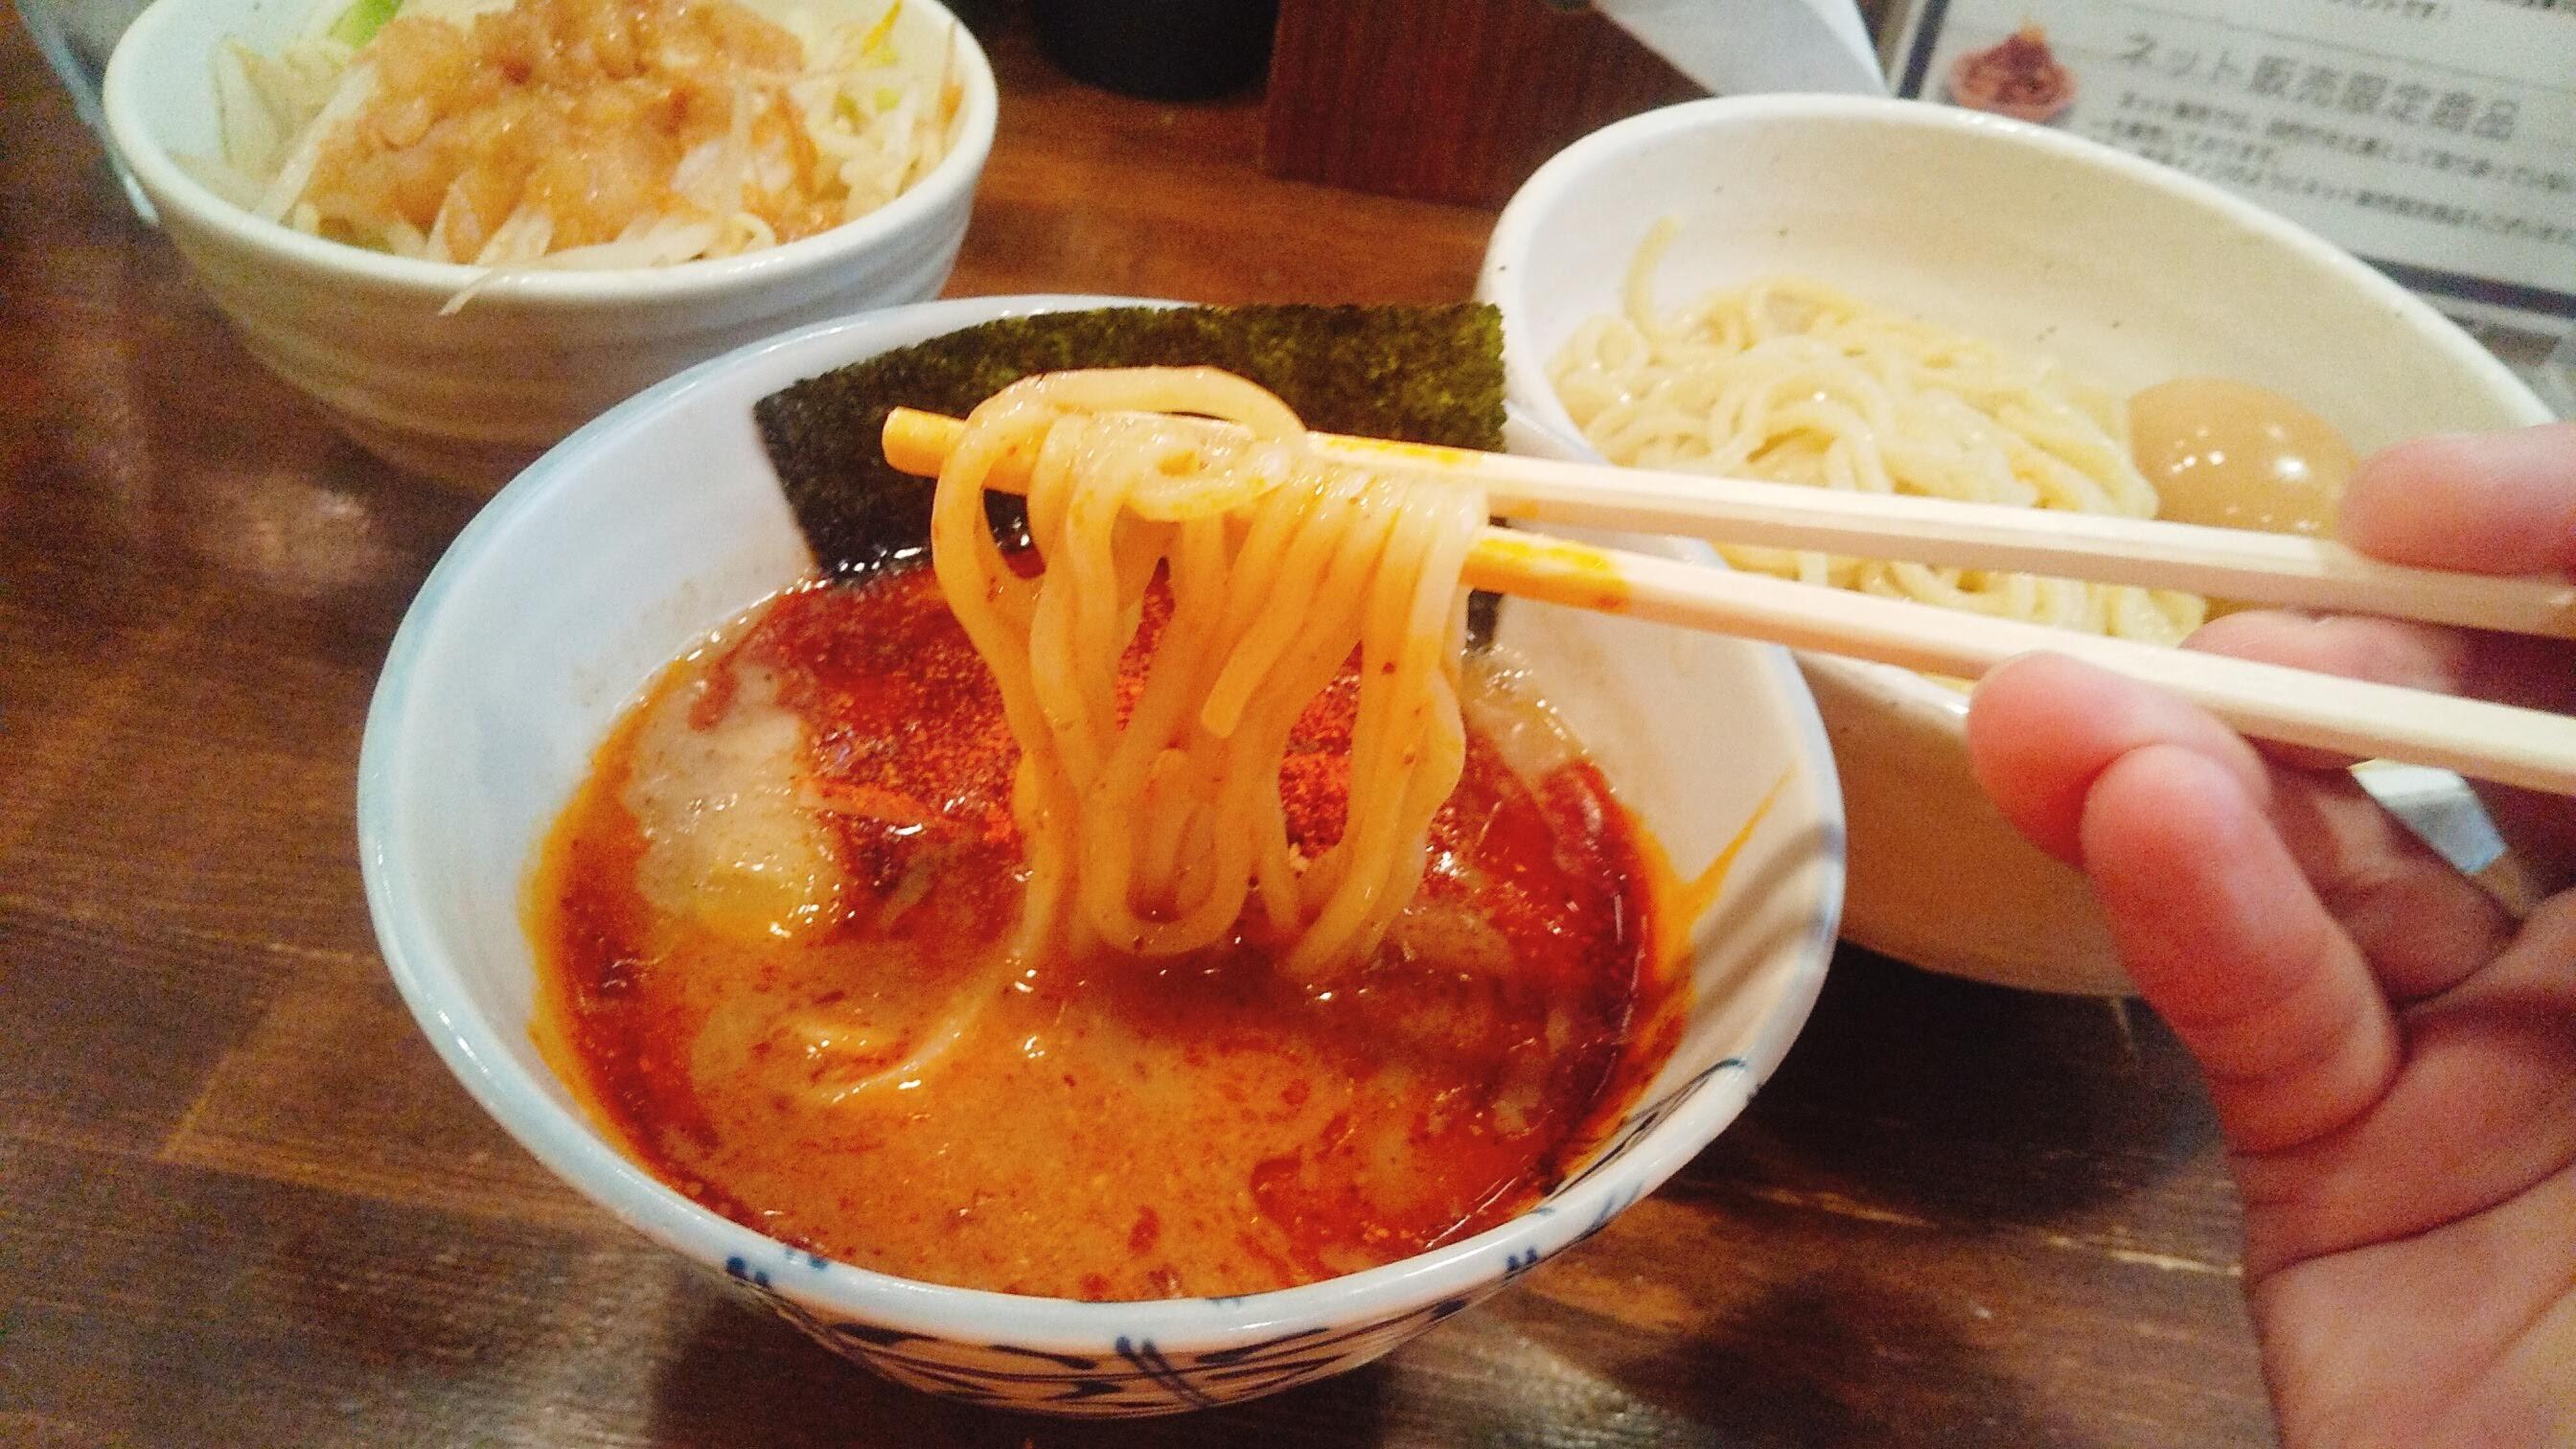 麺処 井の庄の味玉辛辛魚つけ麺の麺リフト